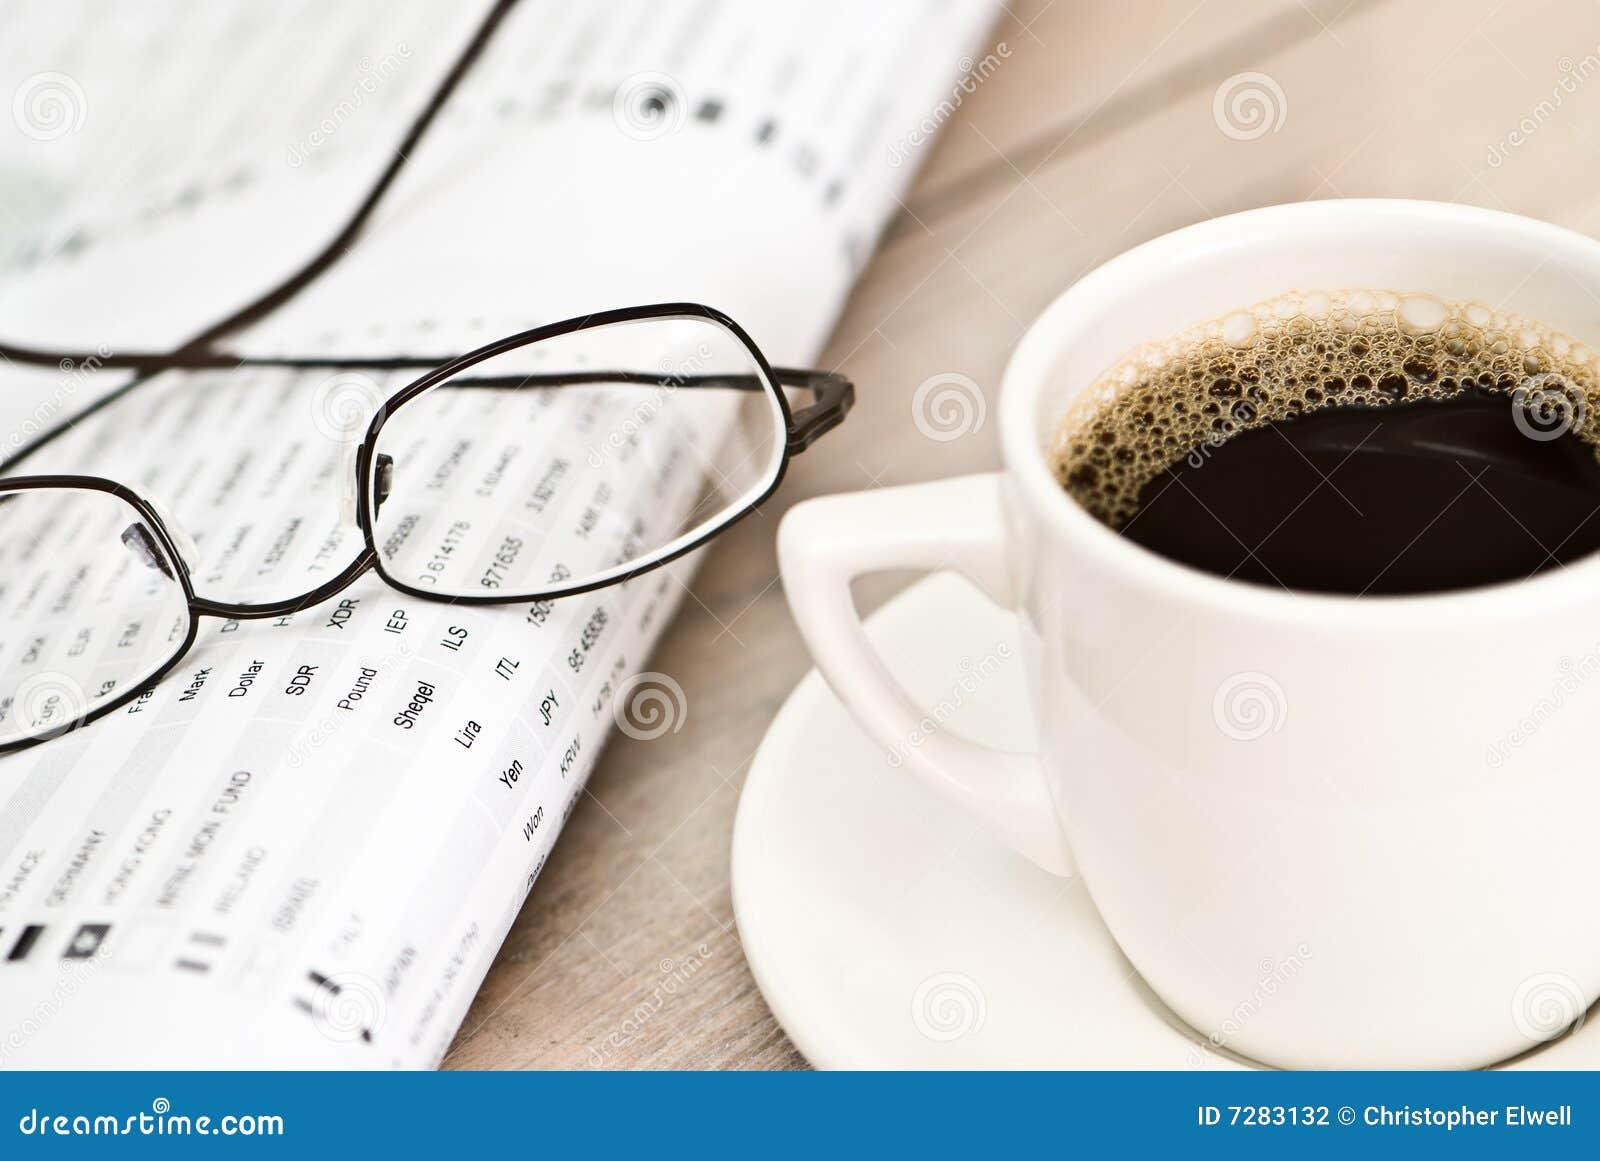 Descanso para tomar café financiero